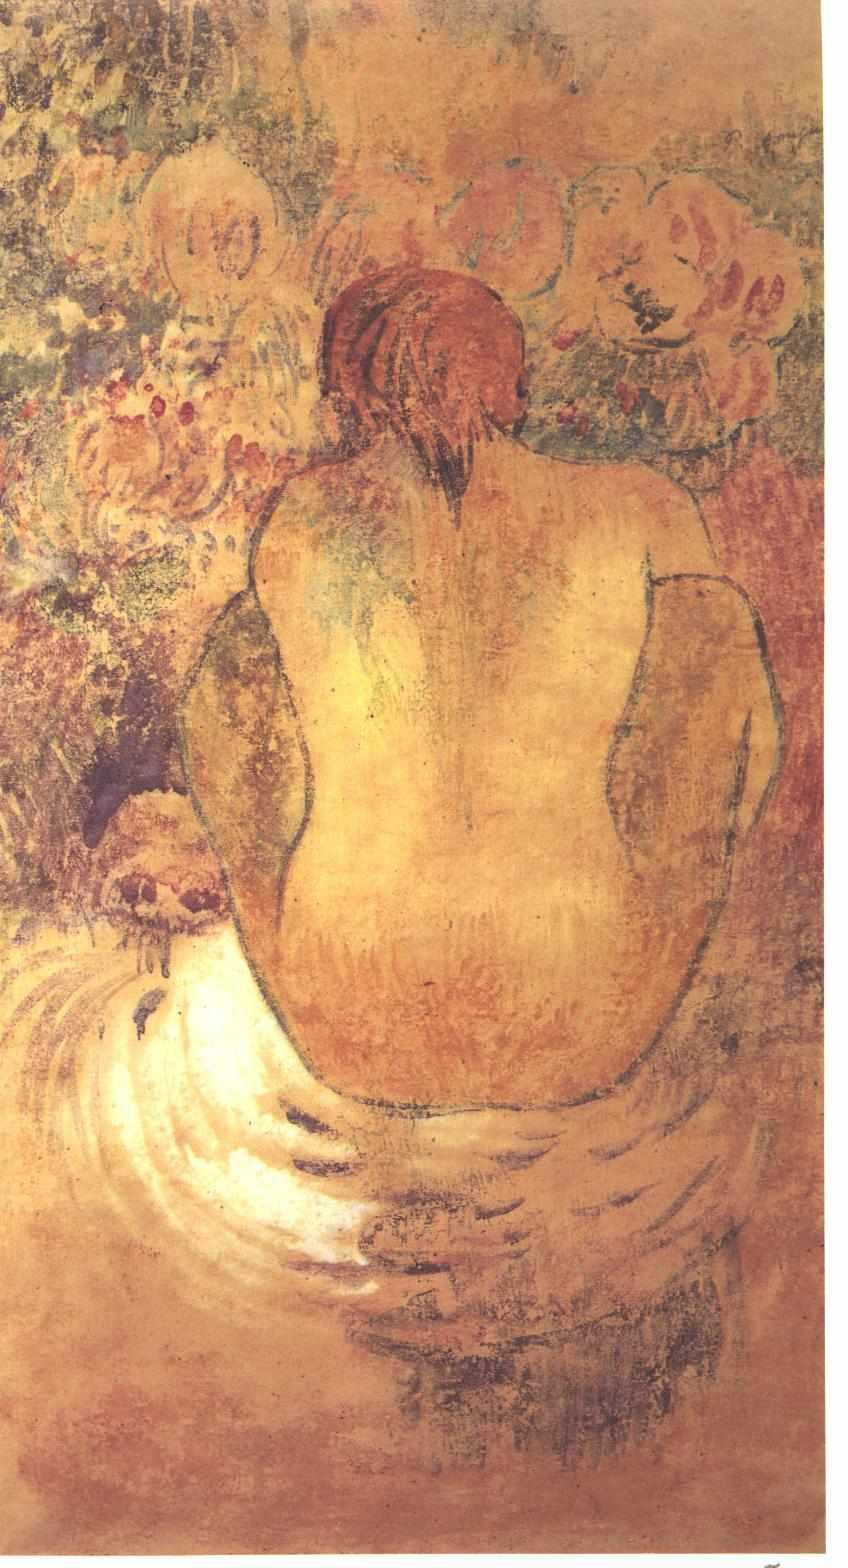 https://i1.wp.com/upload.wikimedia.org/wikipedia/commons/9/9f/Gauguin_-_R%C3%BCckenakt.jpg